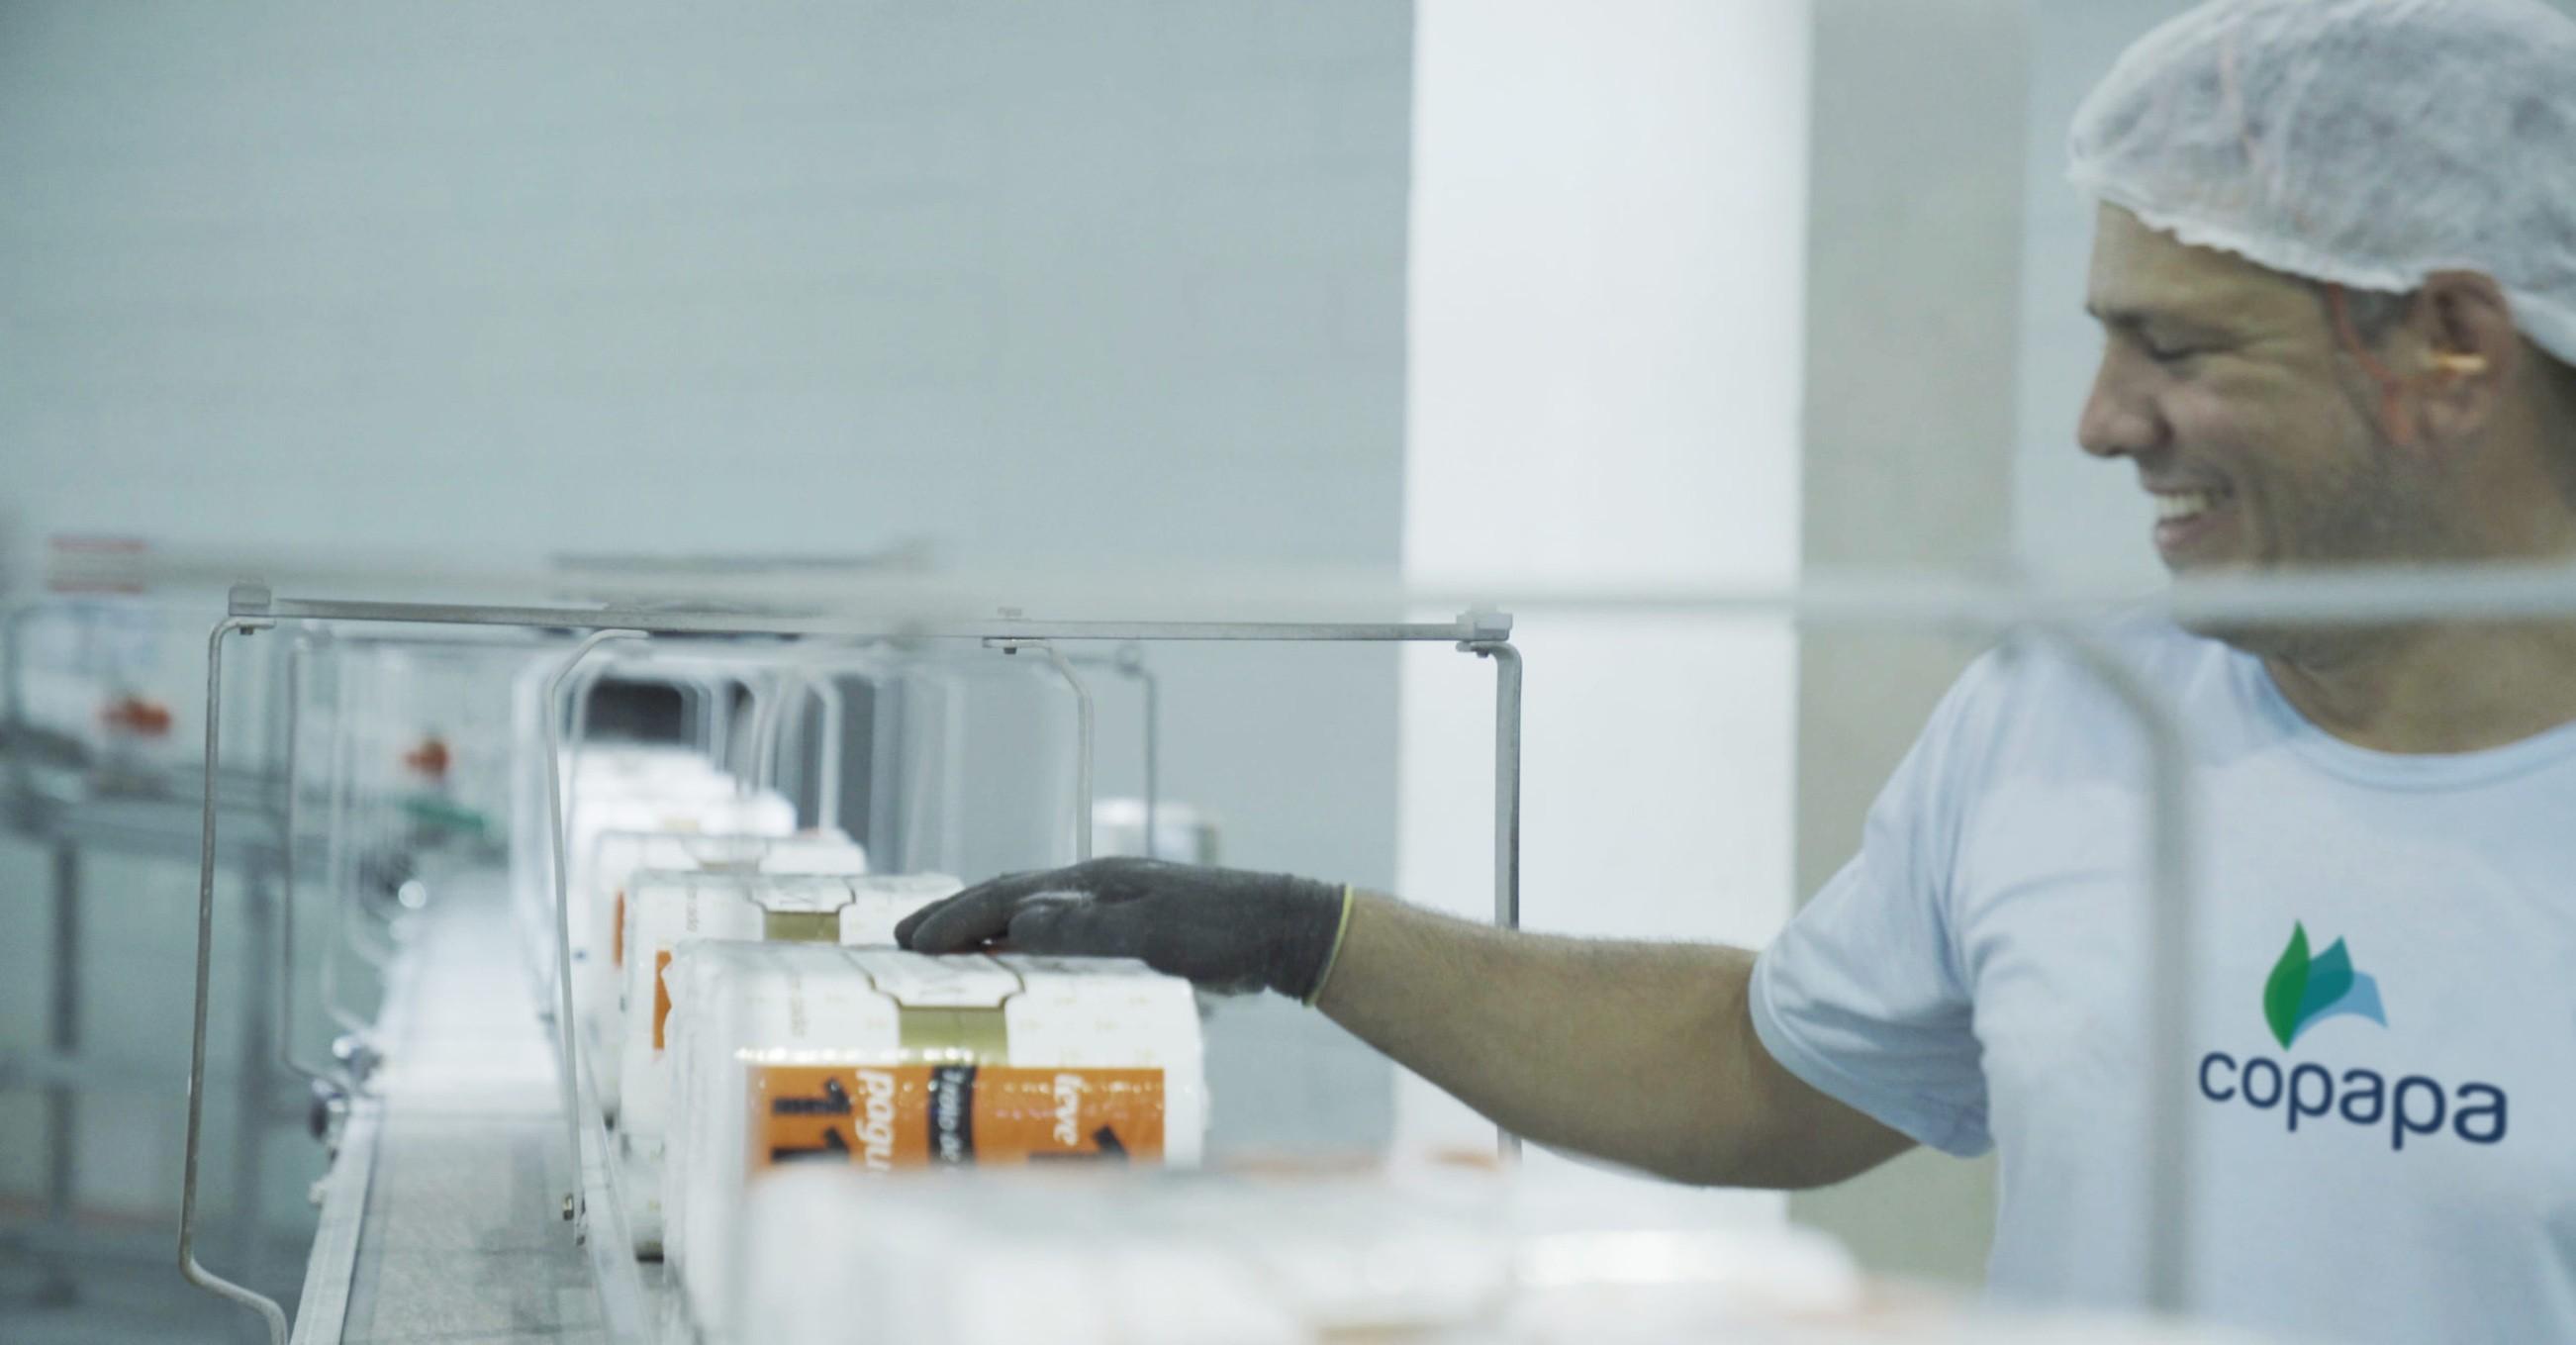 Com aumento de demanda Copapa adapta sistemas de produção e distribuição